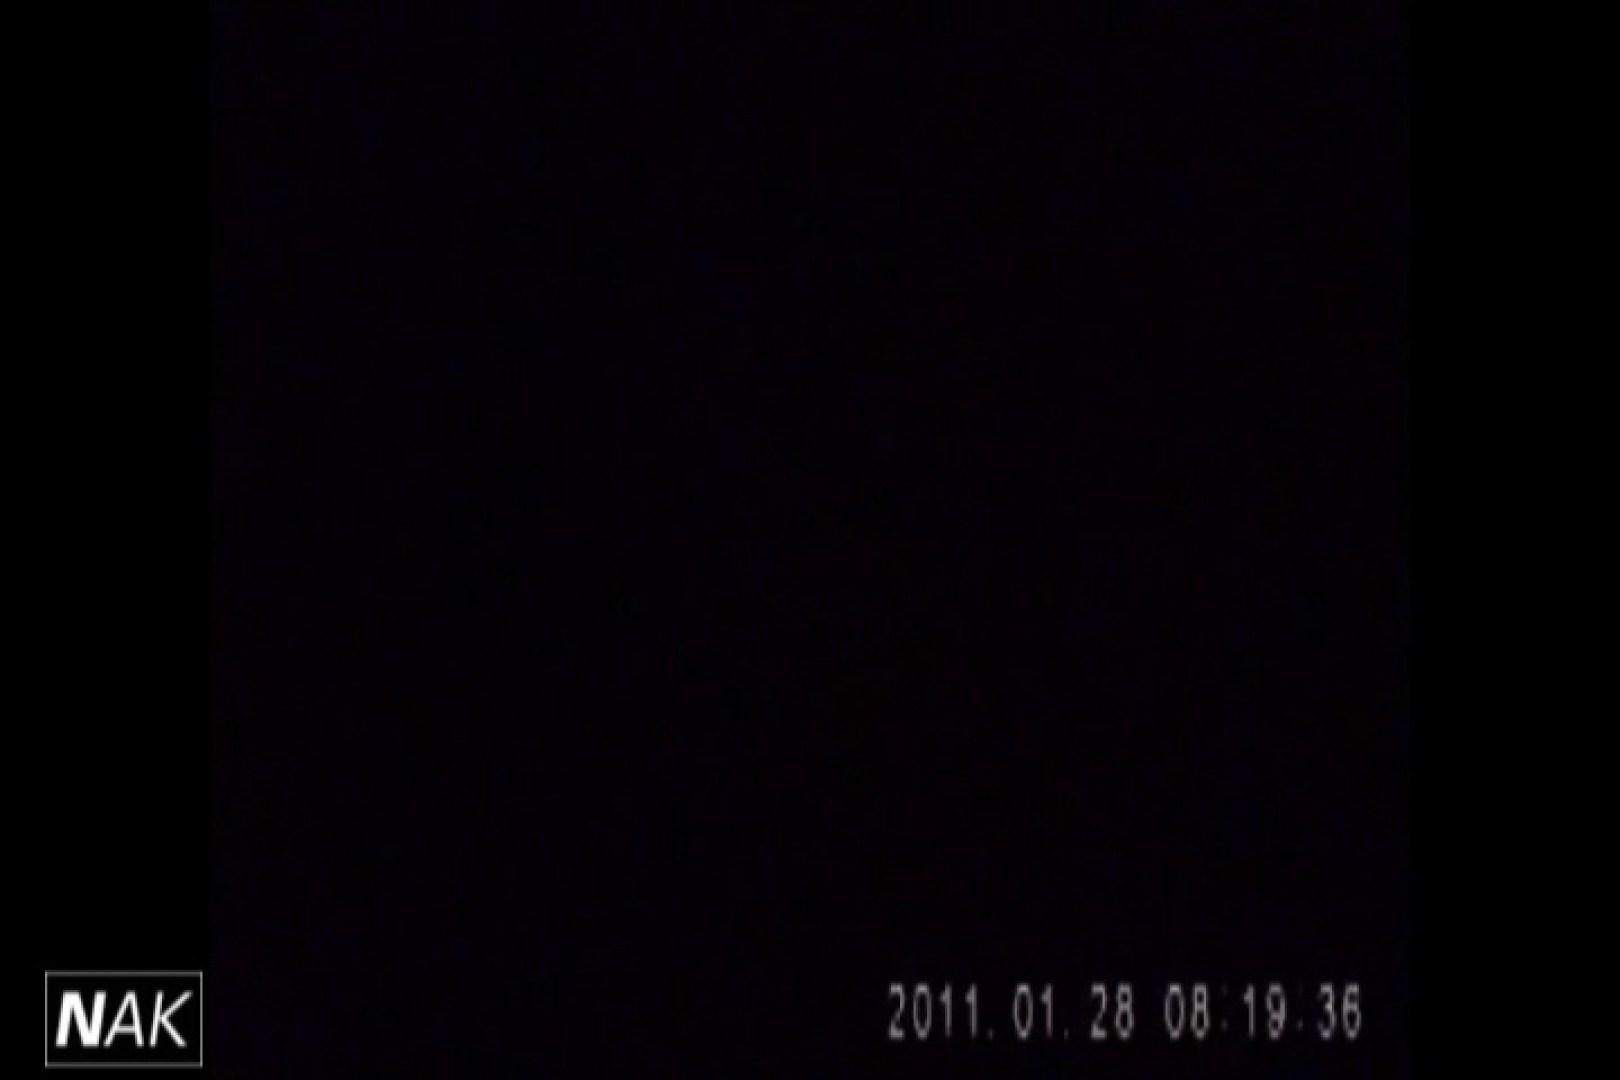 せん八さんの厠観察日記!2点監視カメラ 高画質5000K vol.15 お姉さんヌード 盗み撮りAV無料動画キャプチャ 89画像 33